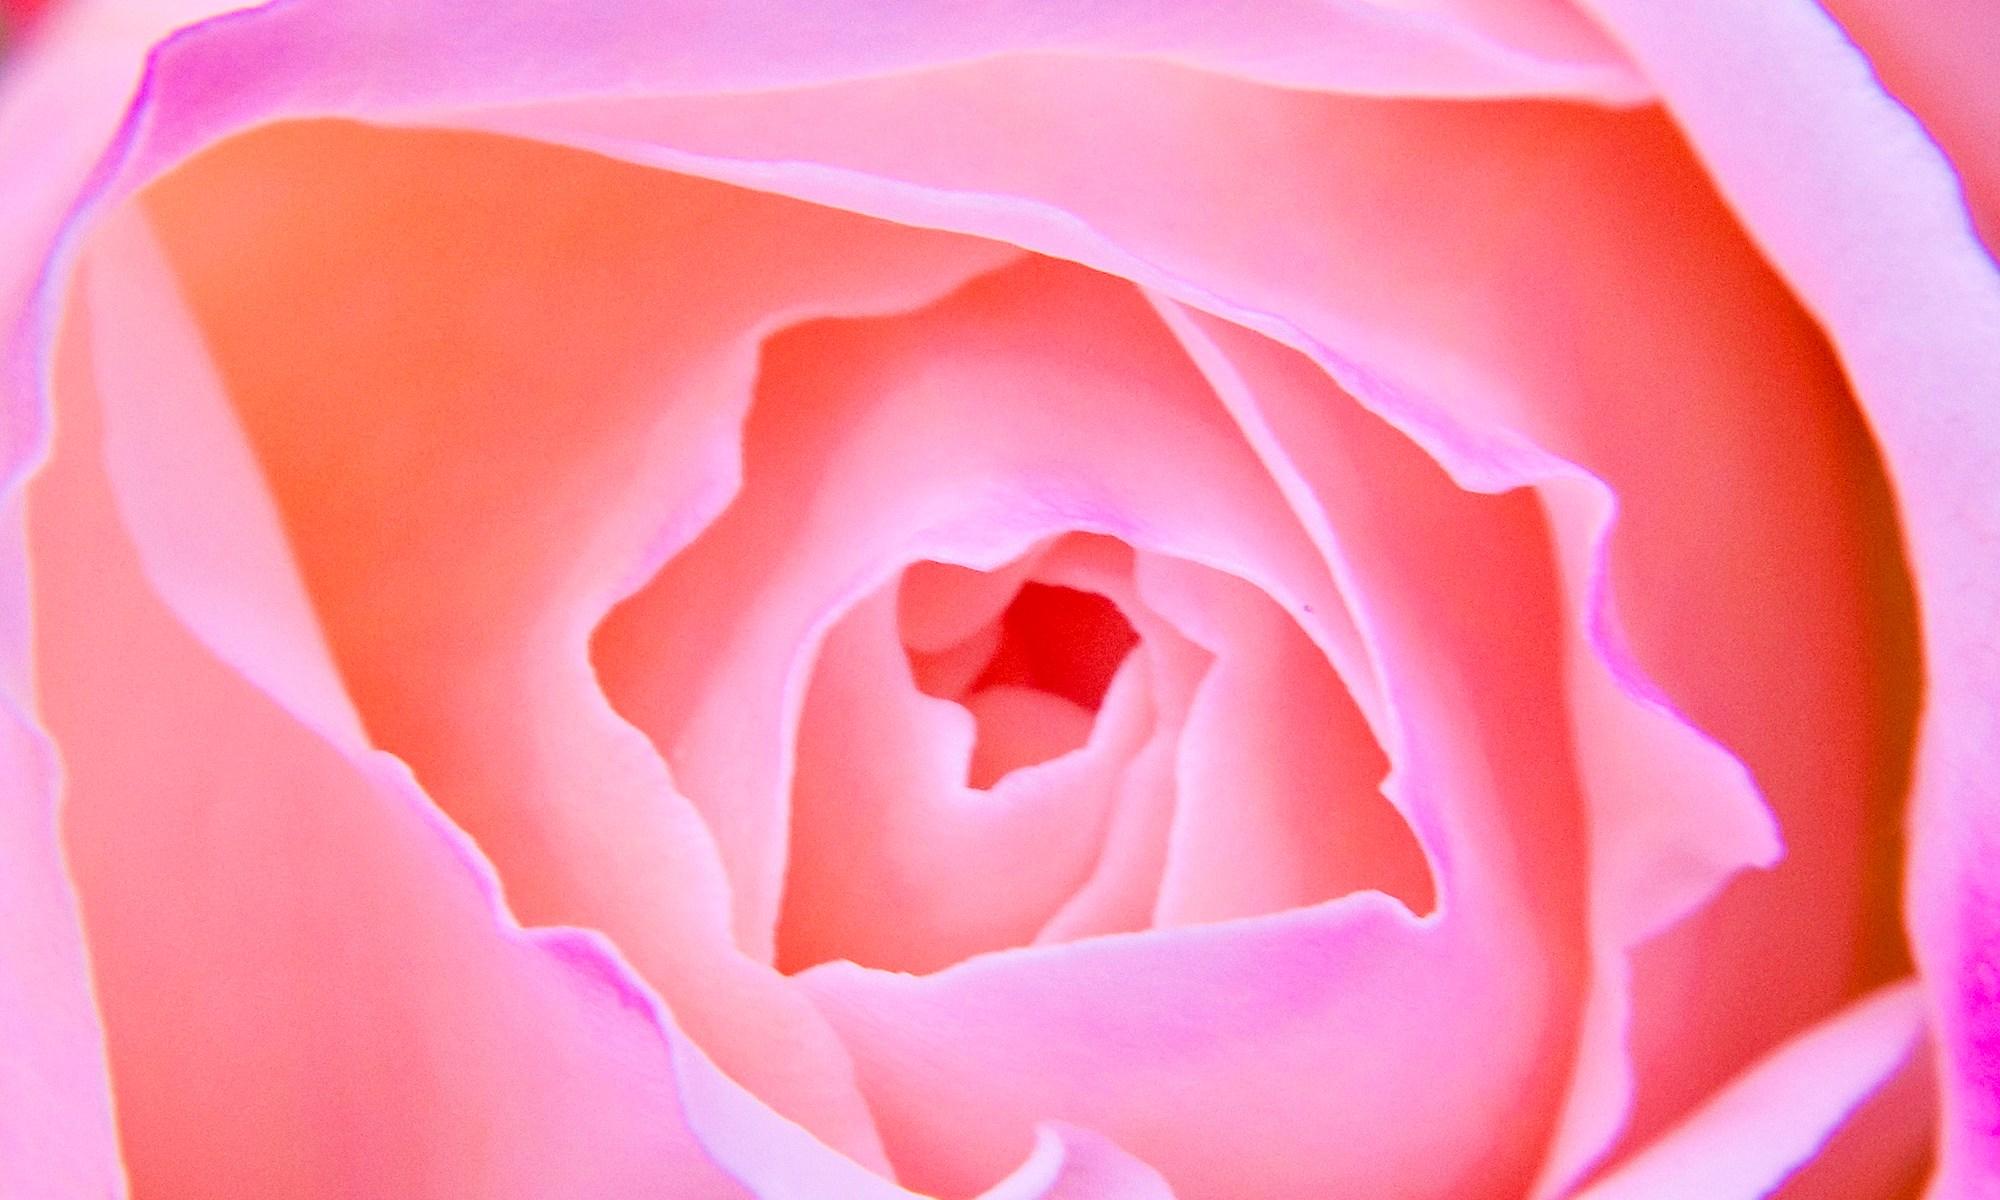 Pink Rose Flower Detail